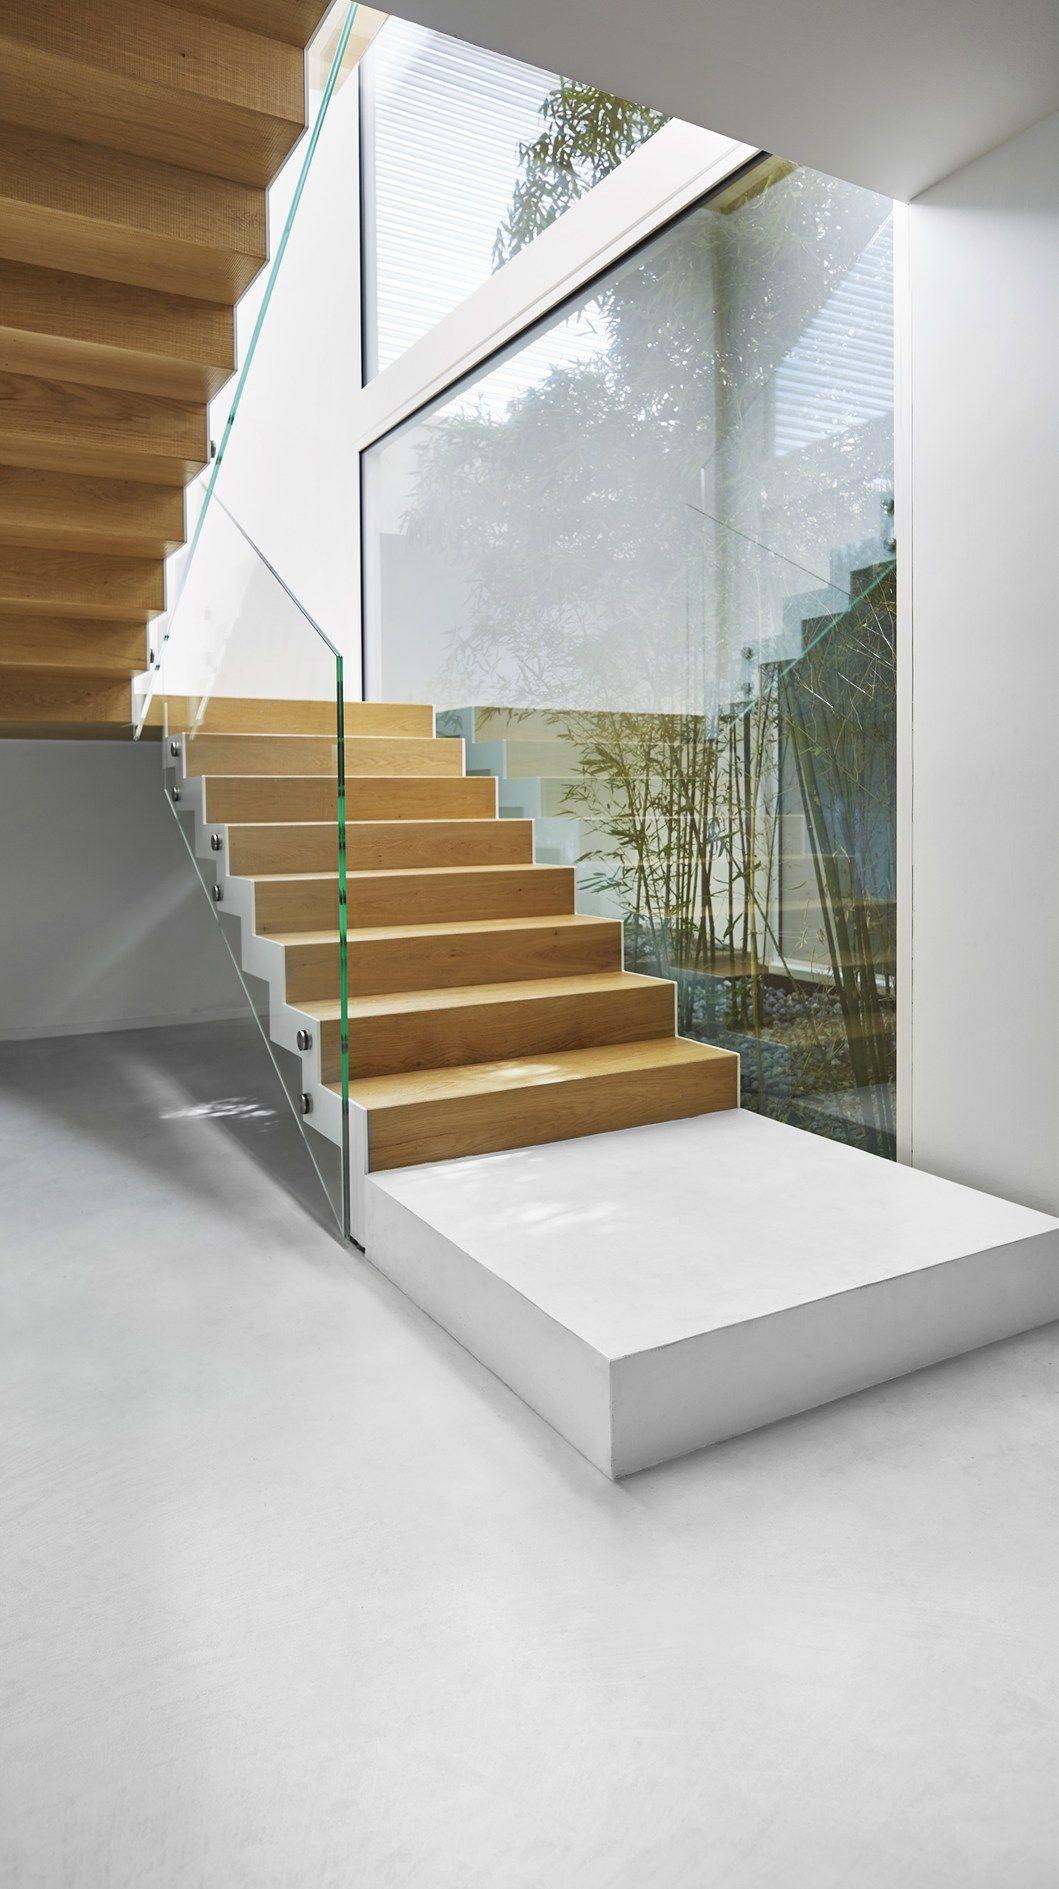 Un 39 architettura rigorosa nasconde interni materici e for Interni architettura